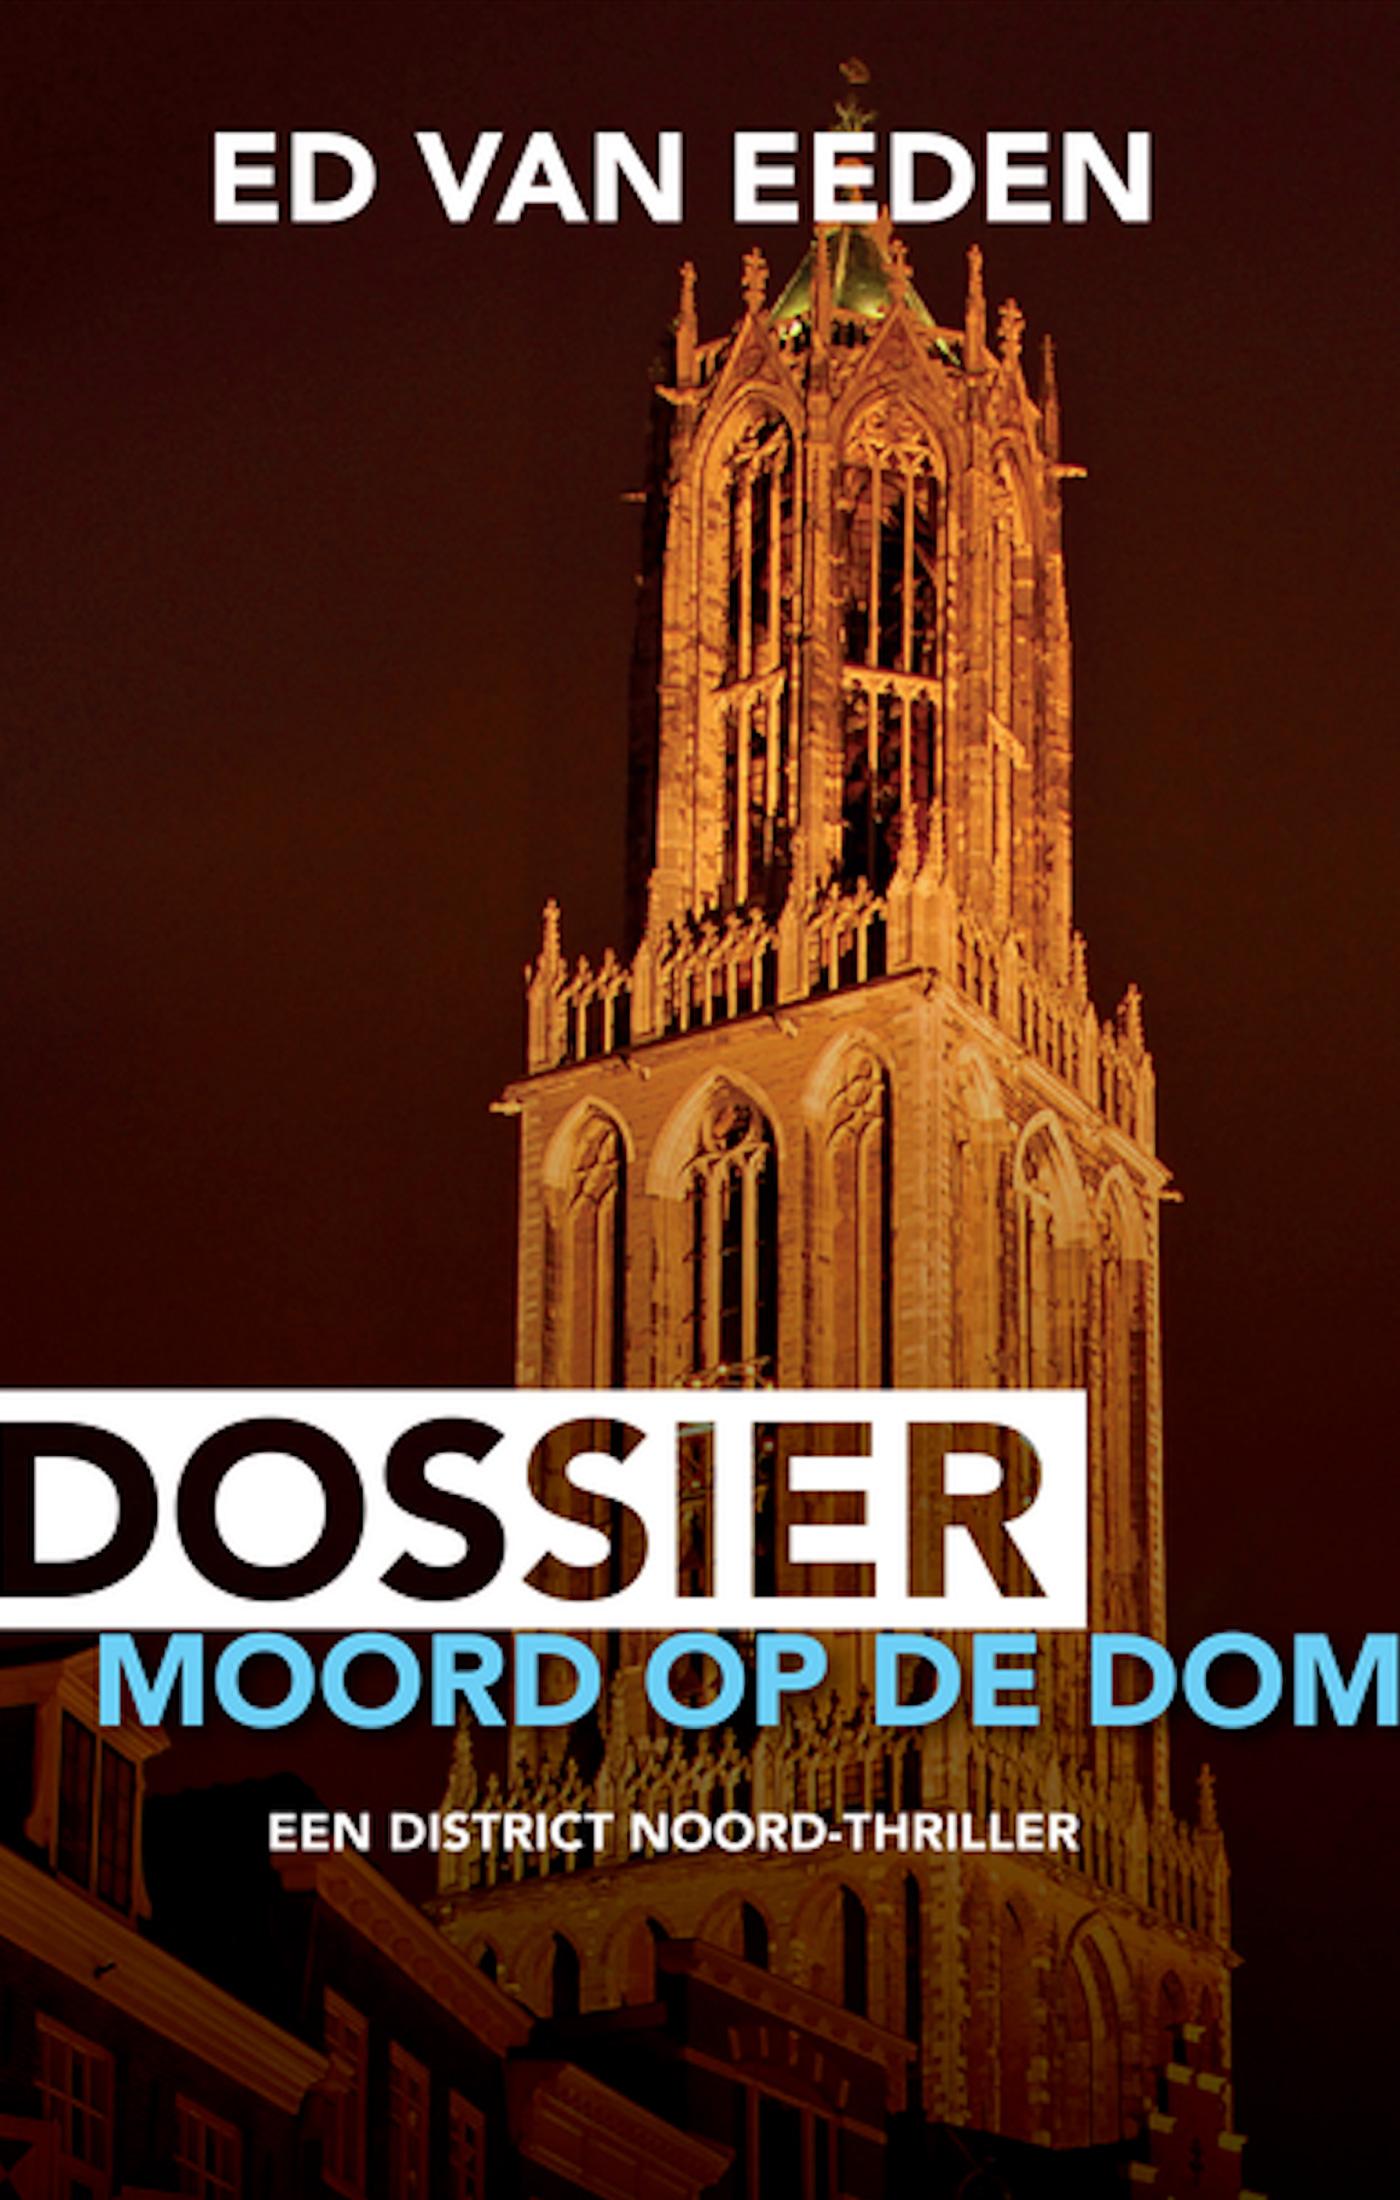 Dossier Moord op de Dom - boekenflits.nl